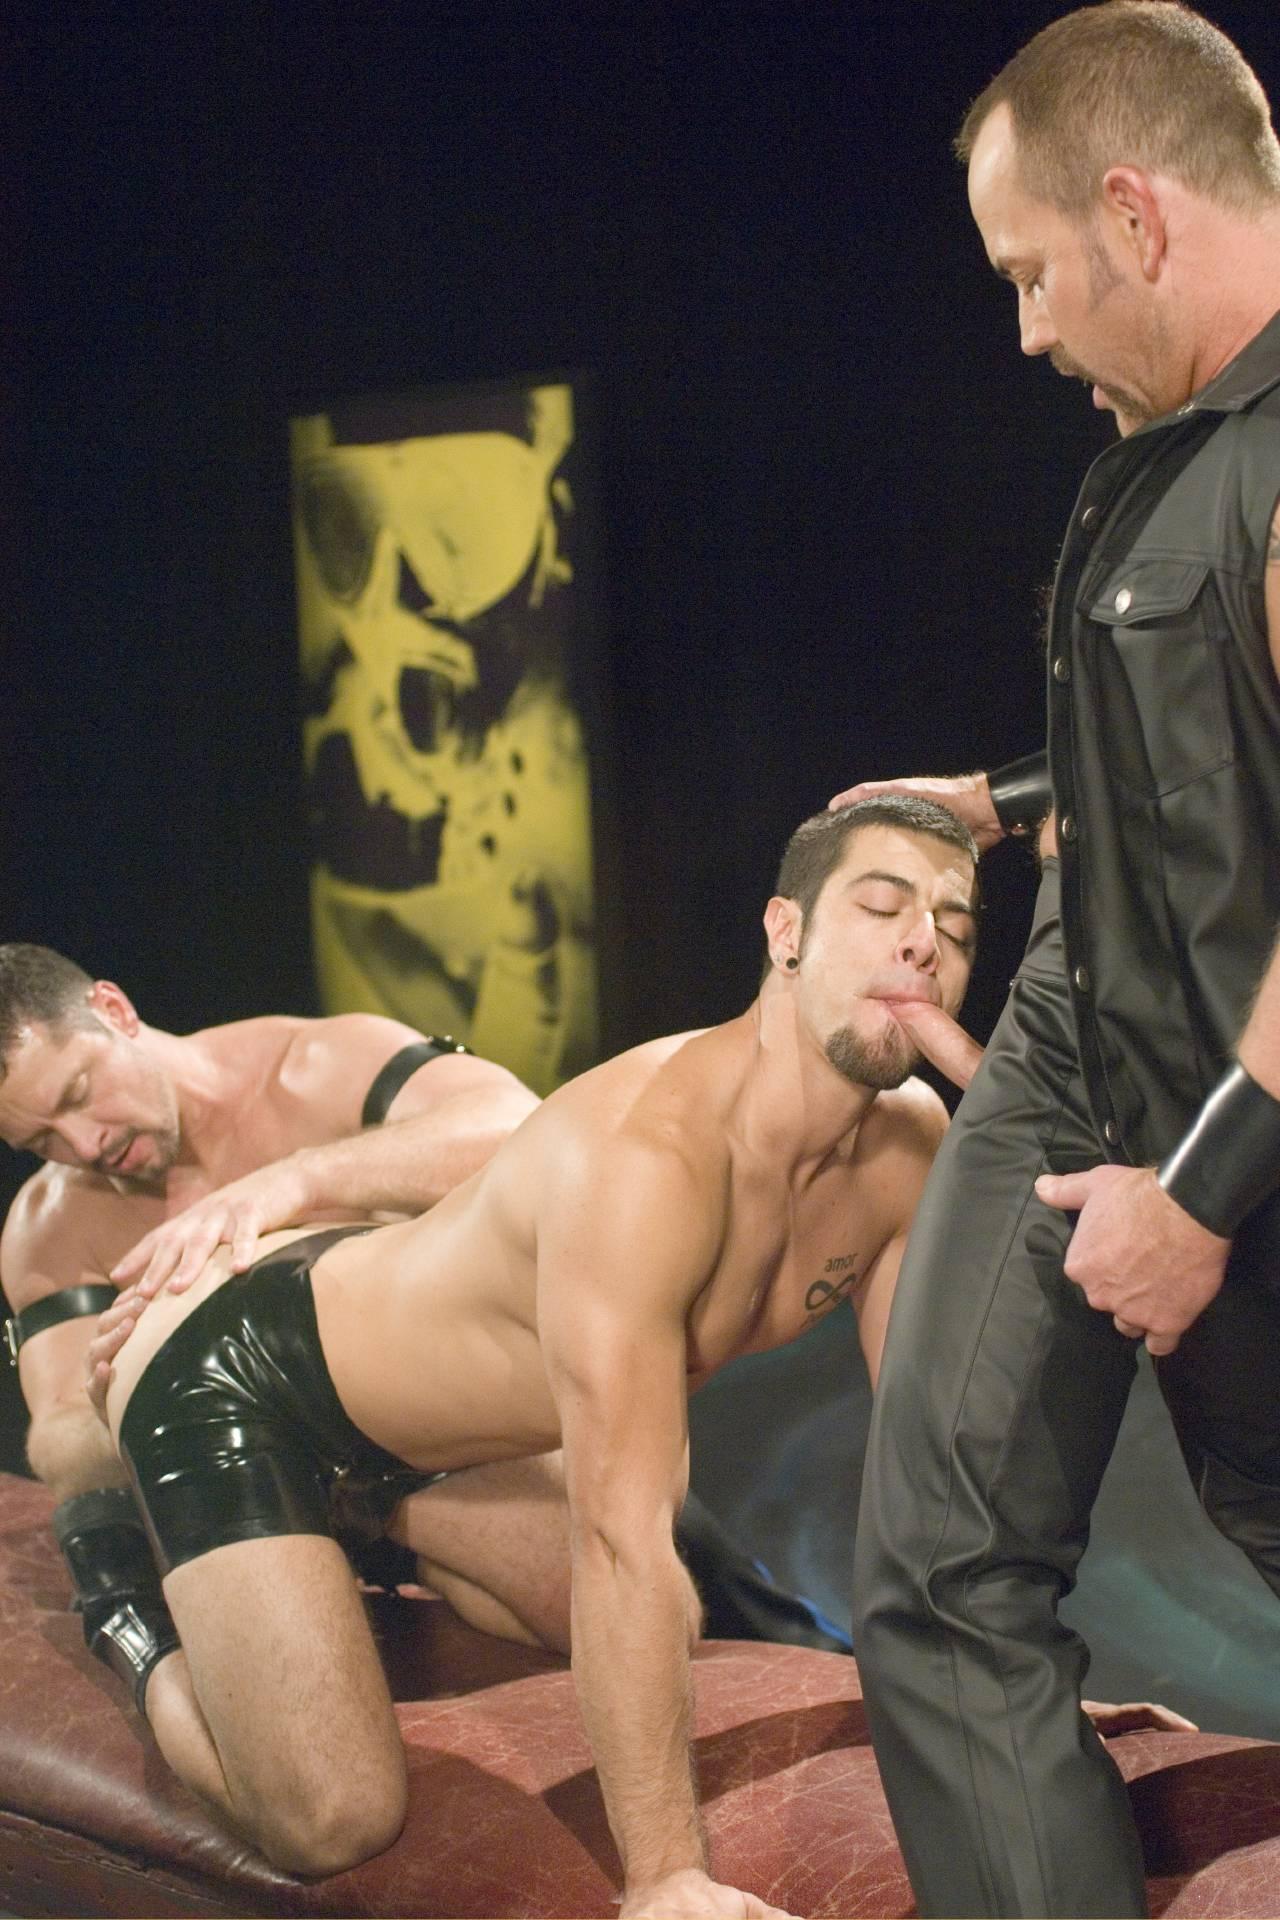 gay sex clubs los aneles